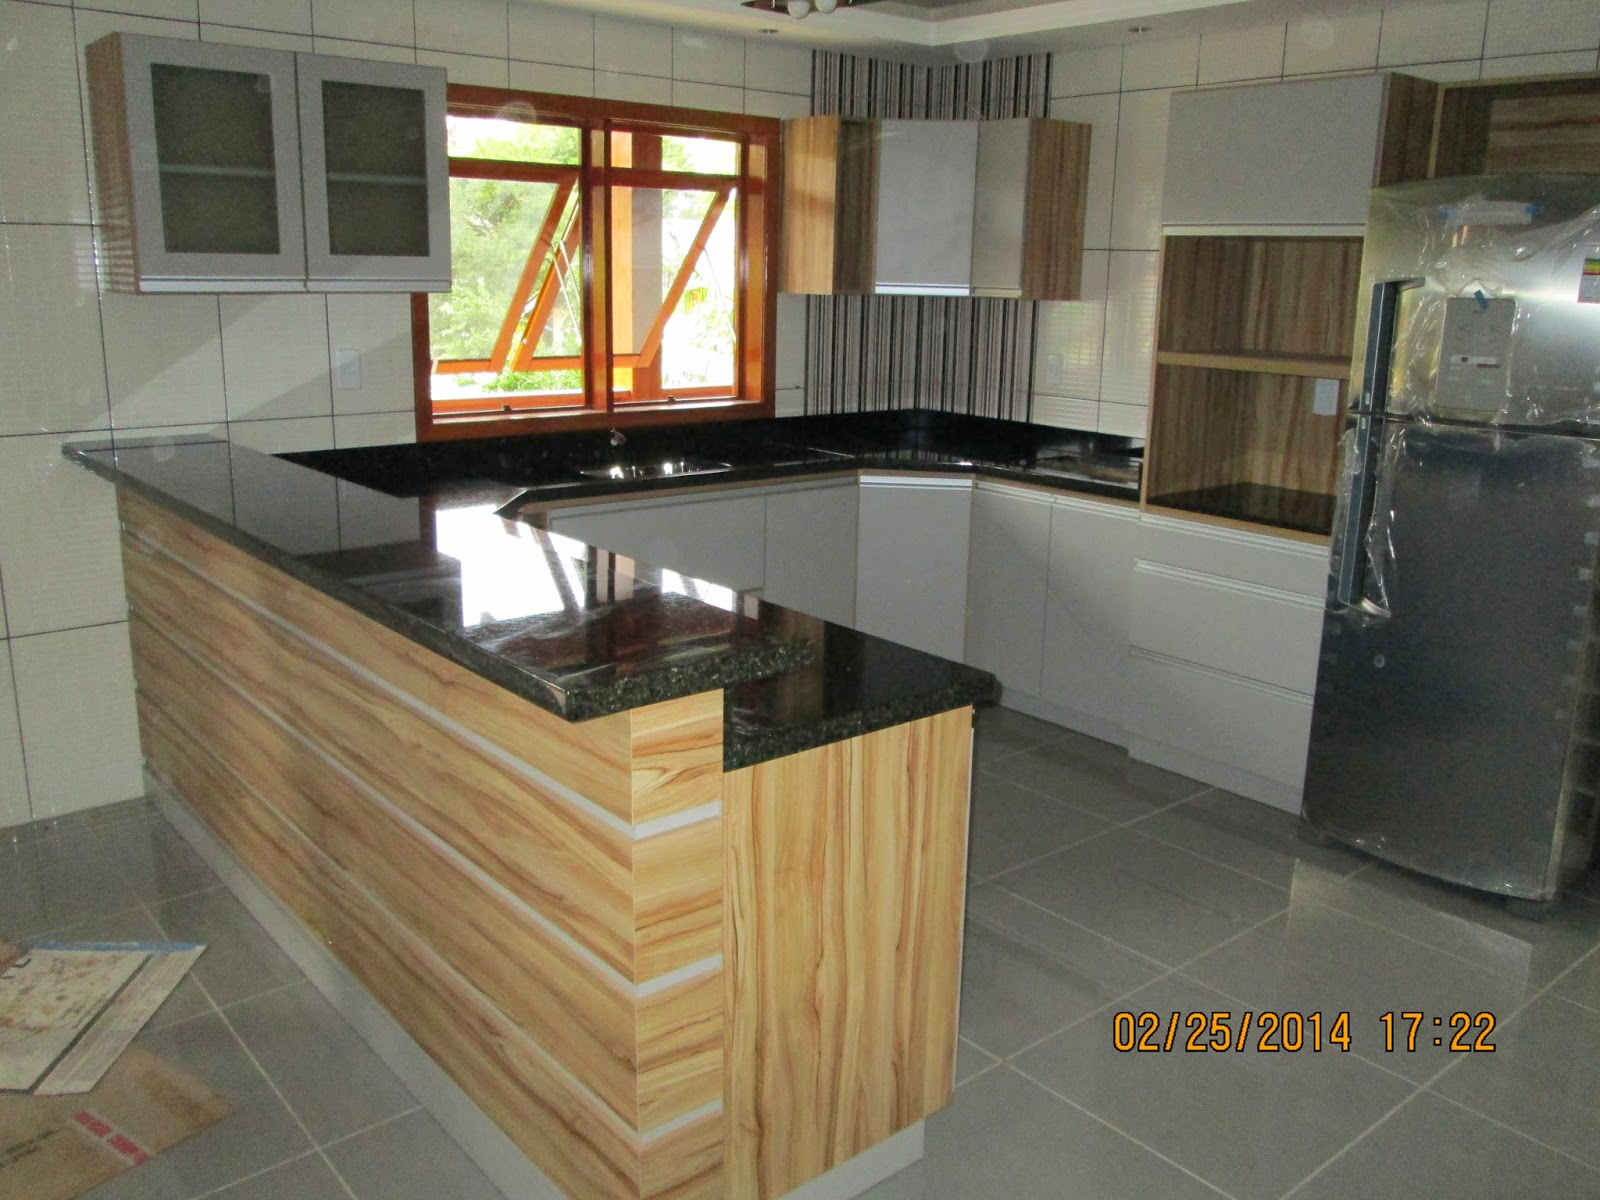 : Bancadas de cozinha fogão e lavanderia em granito Verde Ubatuba #986633 1600x1200 Bancada Banheiro Granito Verde Ubatuba